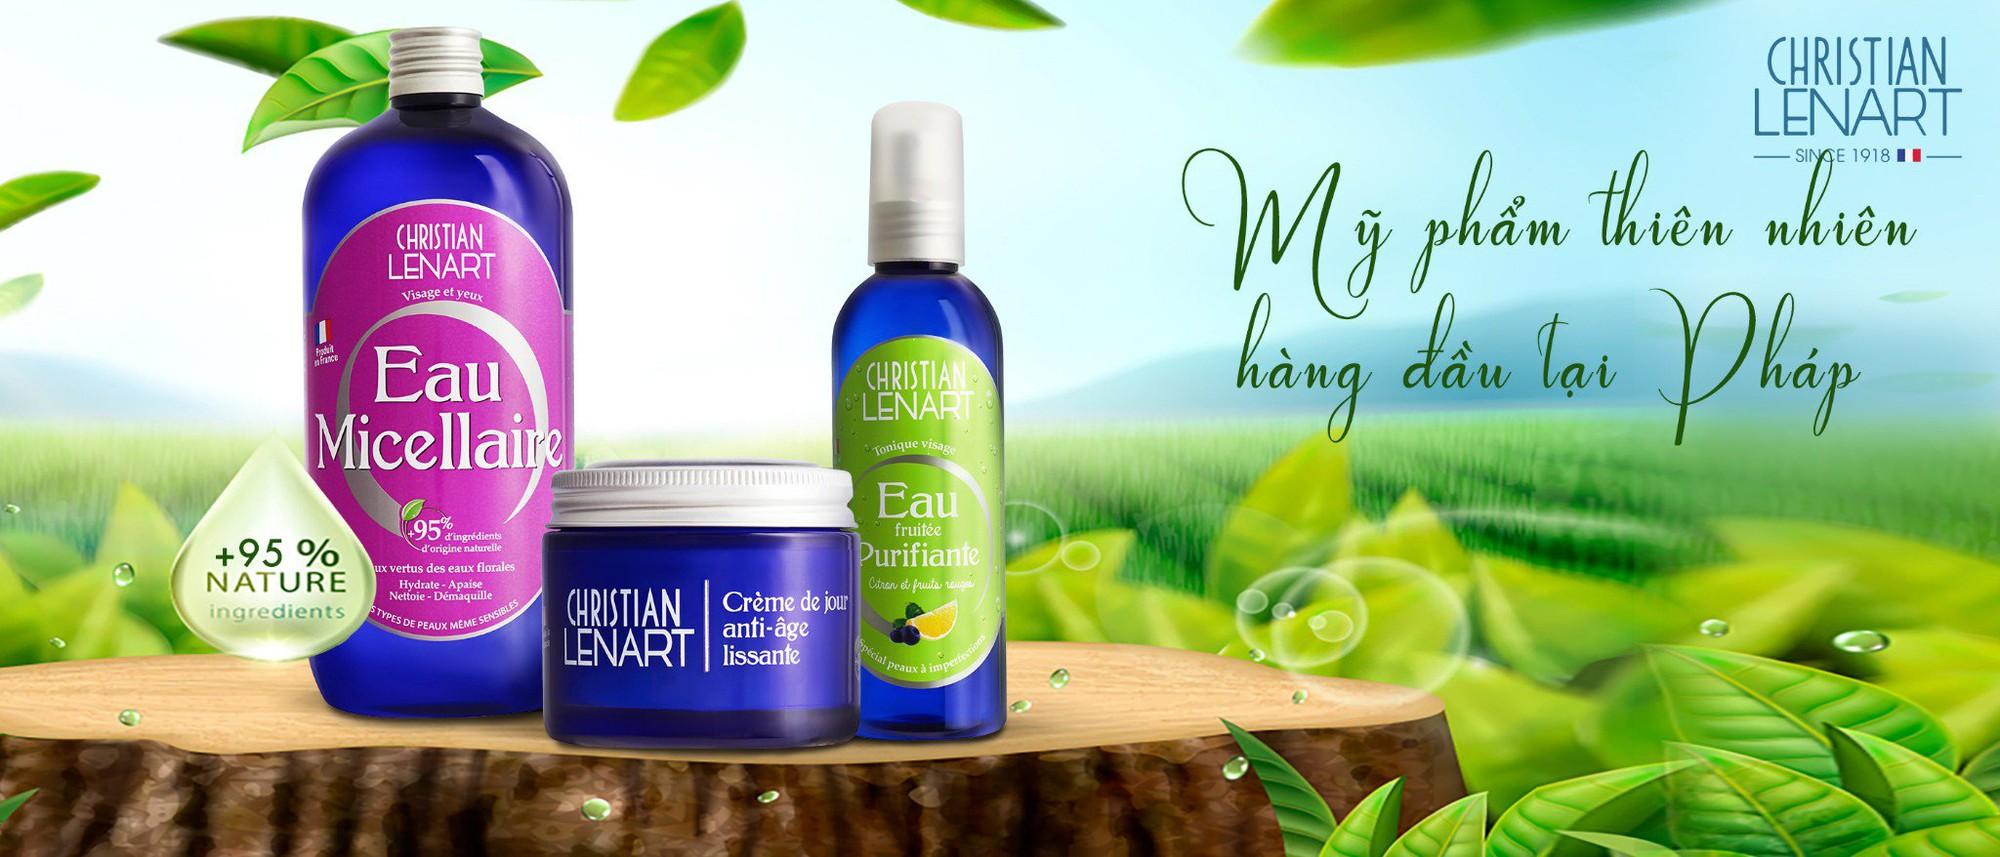 Hành trình 4 năm chinh phục người tiêu dùng của thương hiệu mỹ phẩm thiên nhiên hàng đầu tại Pháp - Ảnh 2.